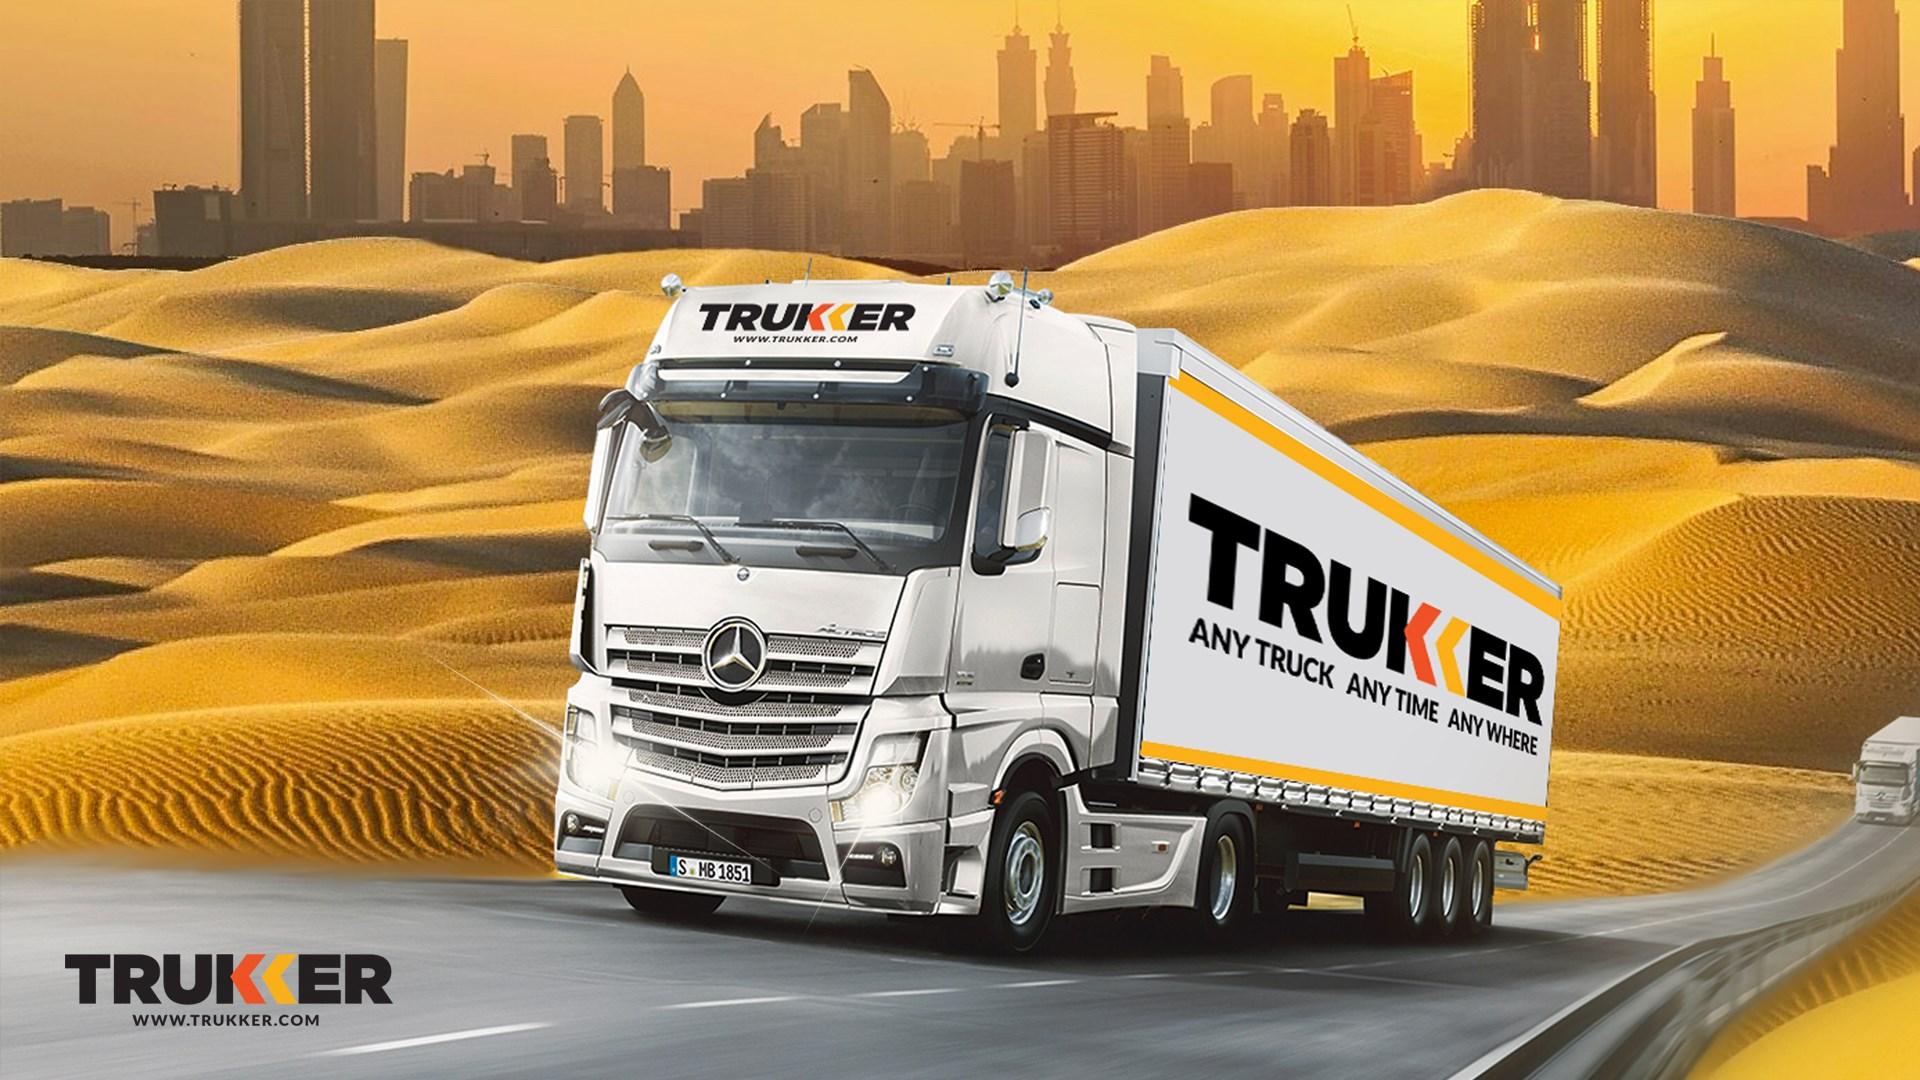 تروكر TruKKer .. مجمع الشاحنات الأول والوحيد على الإنترنت في دول الخليج